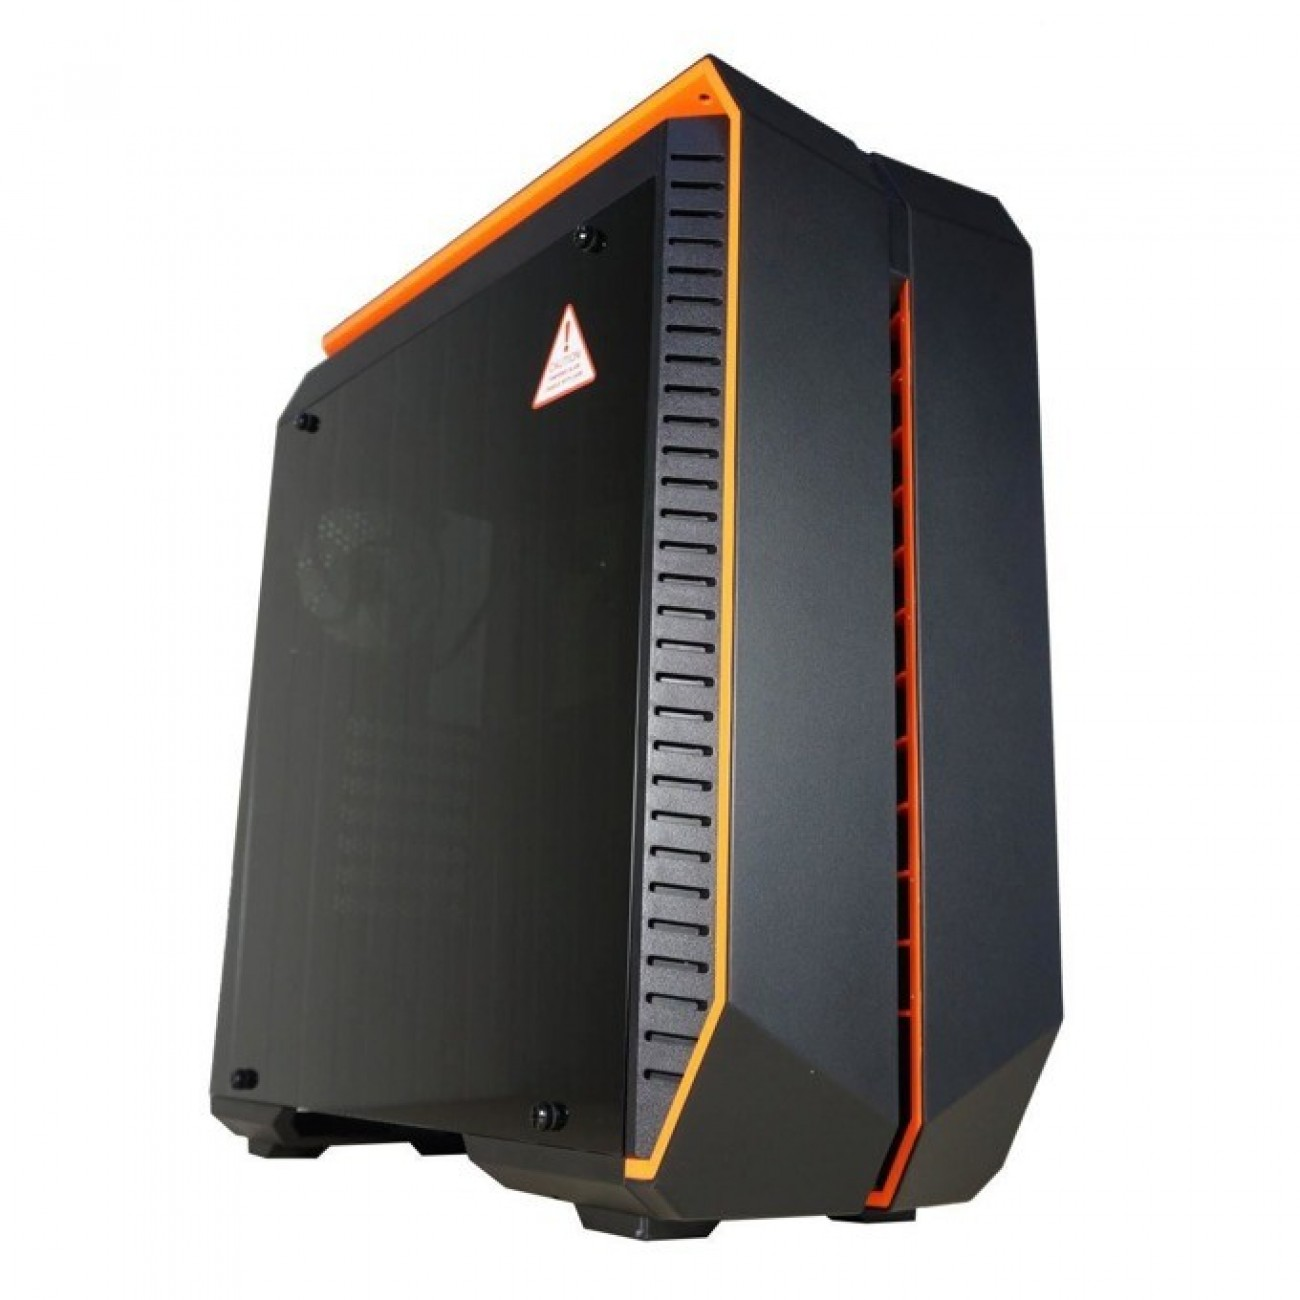 Кутия INAZA Devastator, ATX/mini/microITX, 2x USB 3.0, прозорец, черна/оранжева, без захранване в Компютърни кутии -  | Alleop